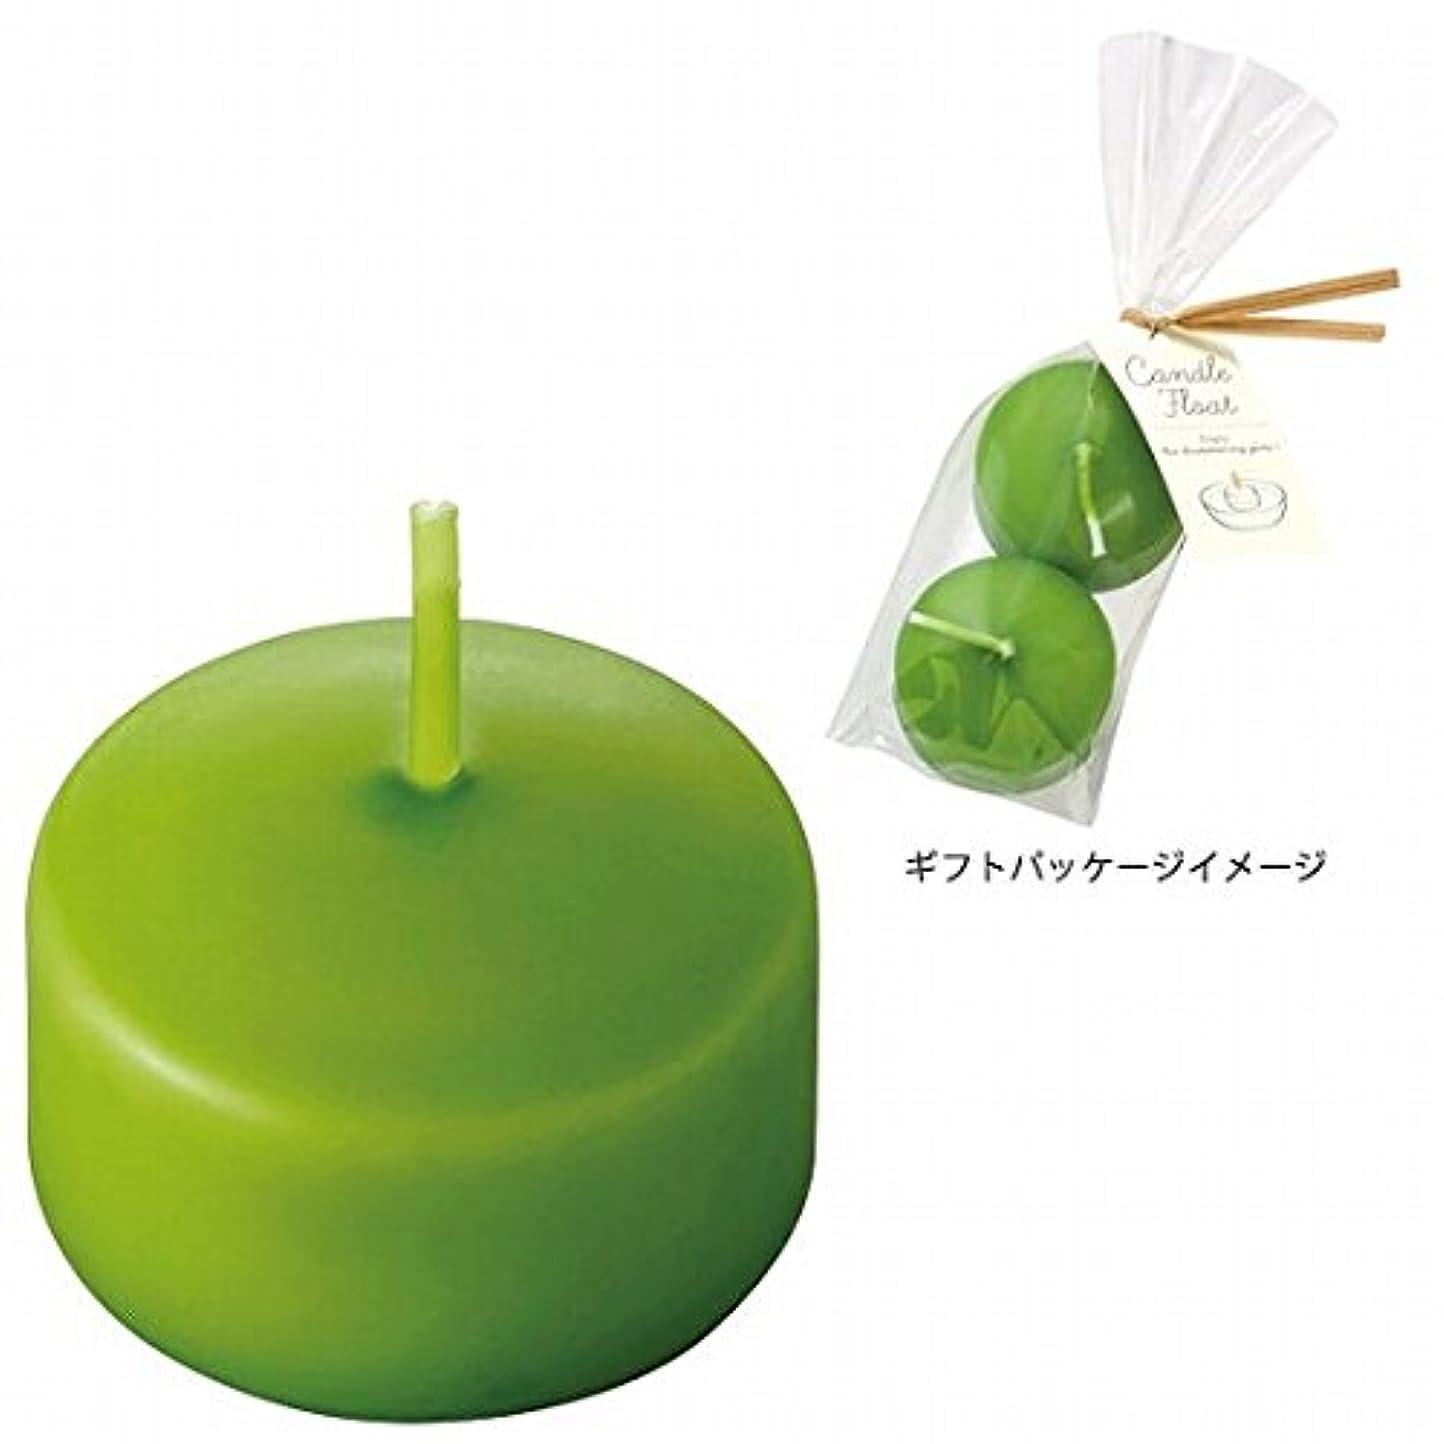 花輪炭水化物歌カメヤマキャンドル(kameyama candle) ハッピープール(2個入り) キャンドル 「オリーブ」